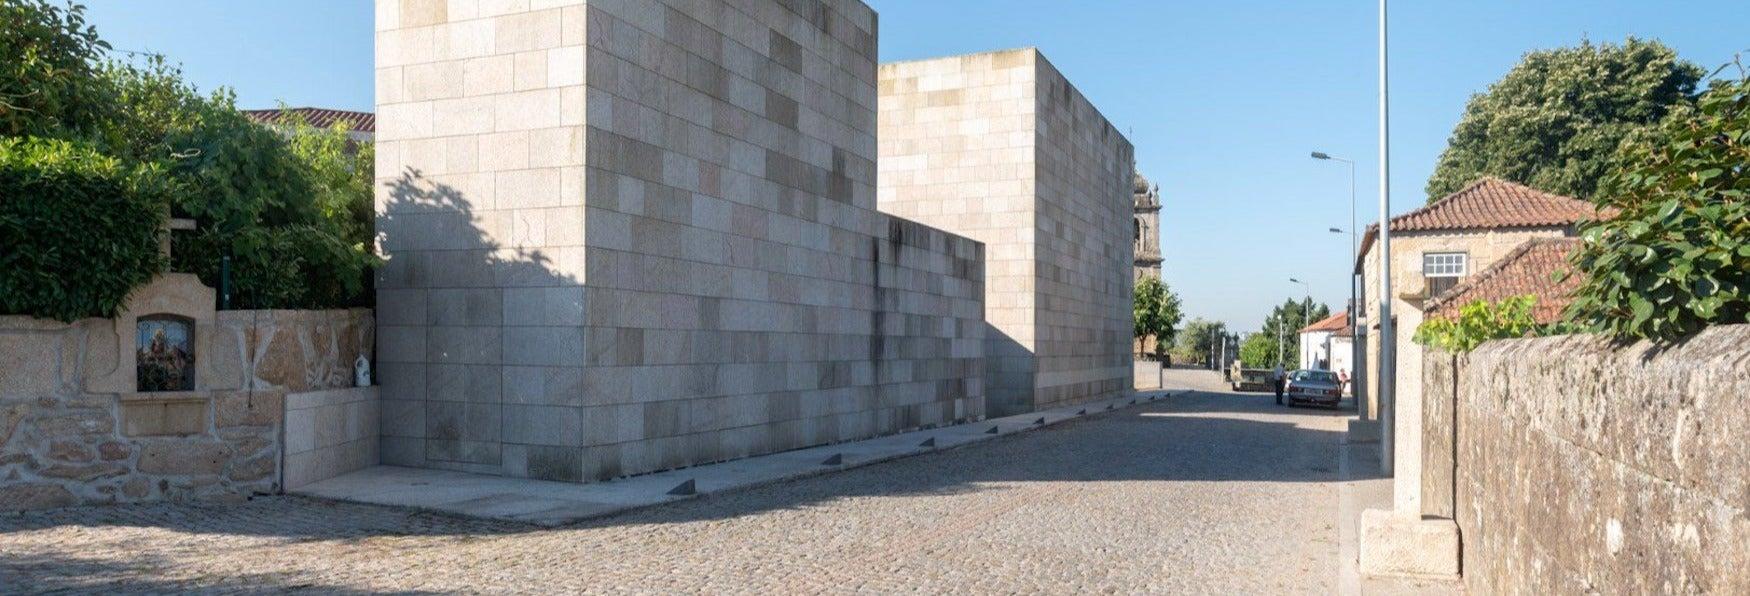 Visita al Centro de Interpretación de la Escultura Románica